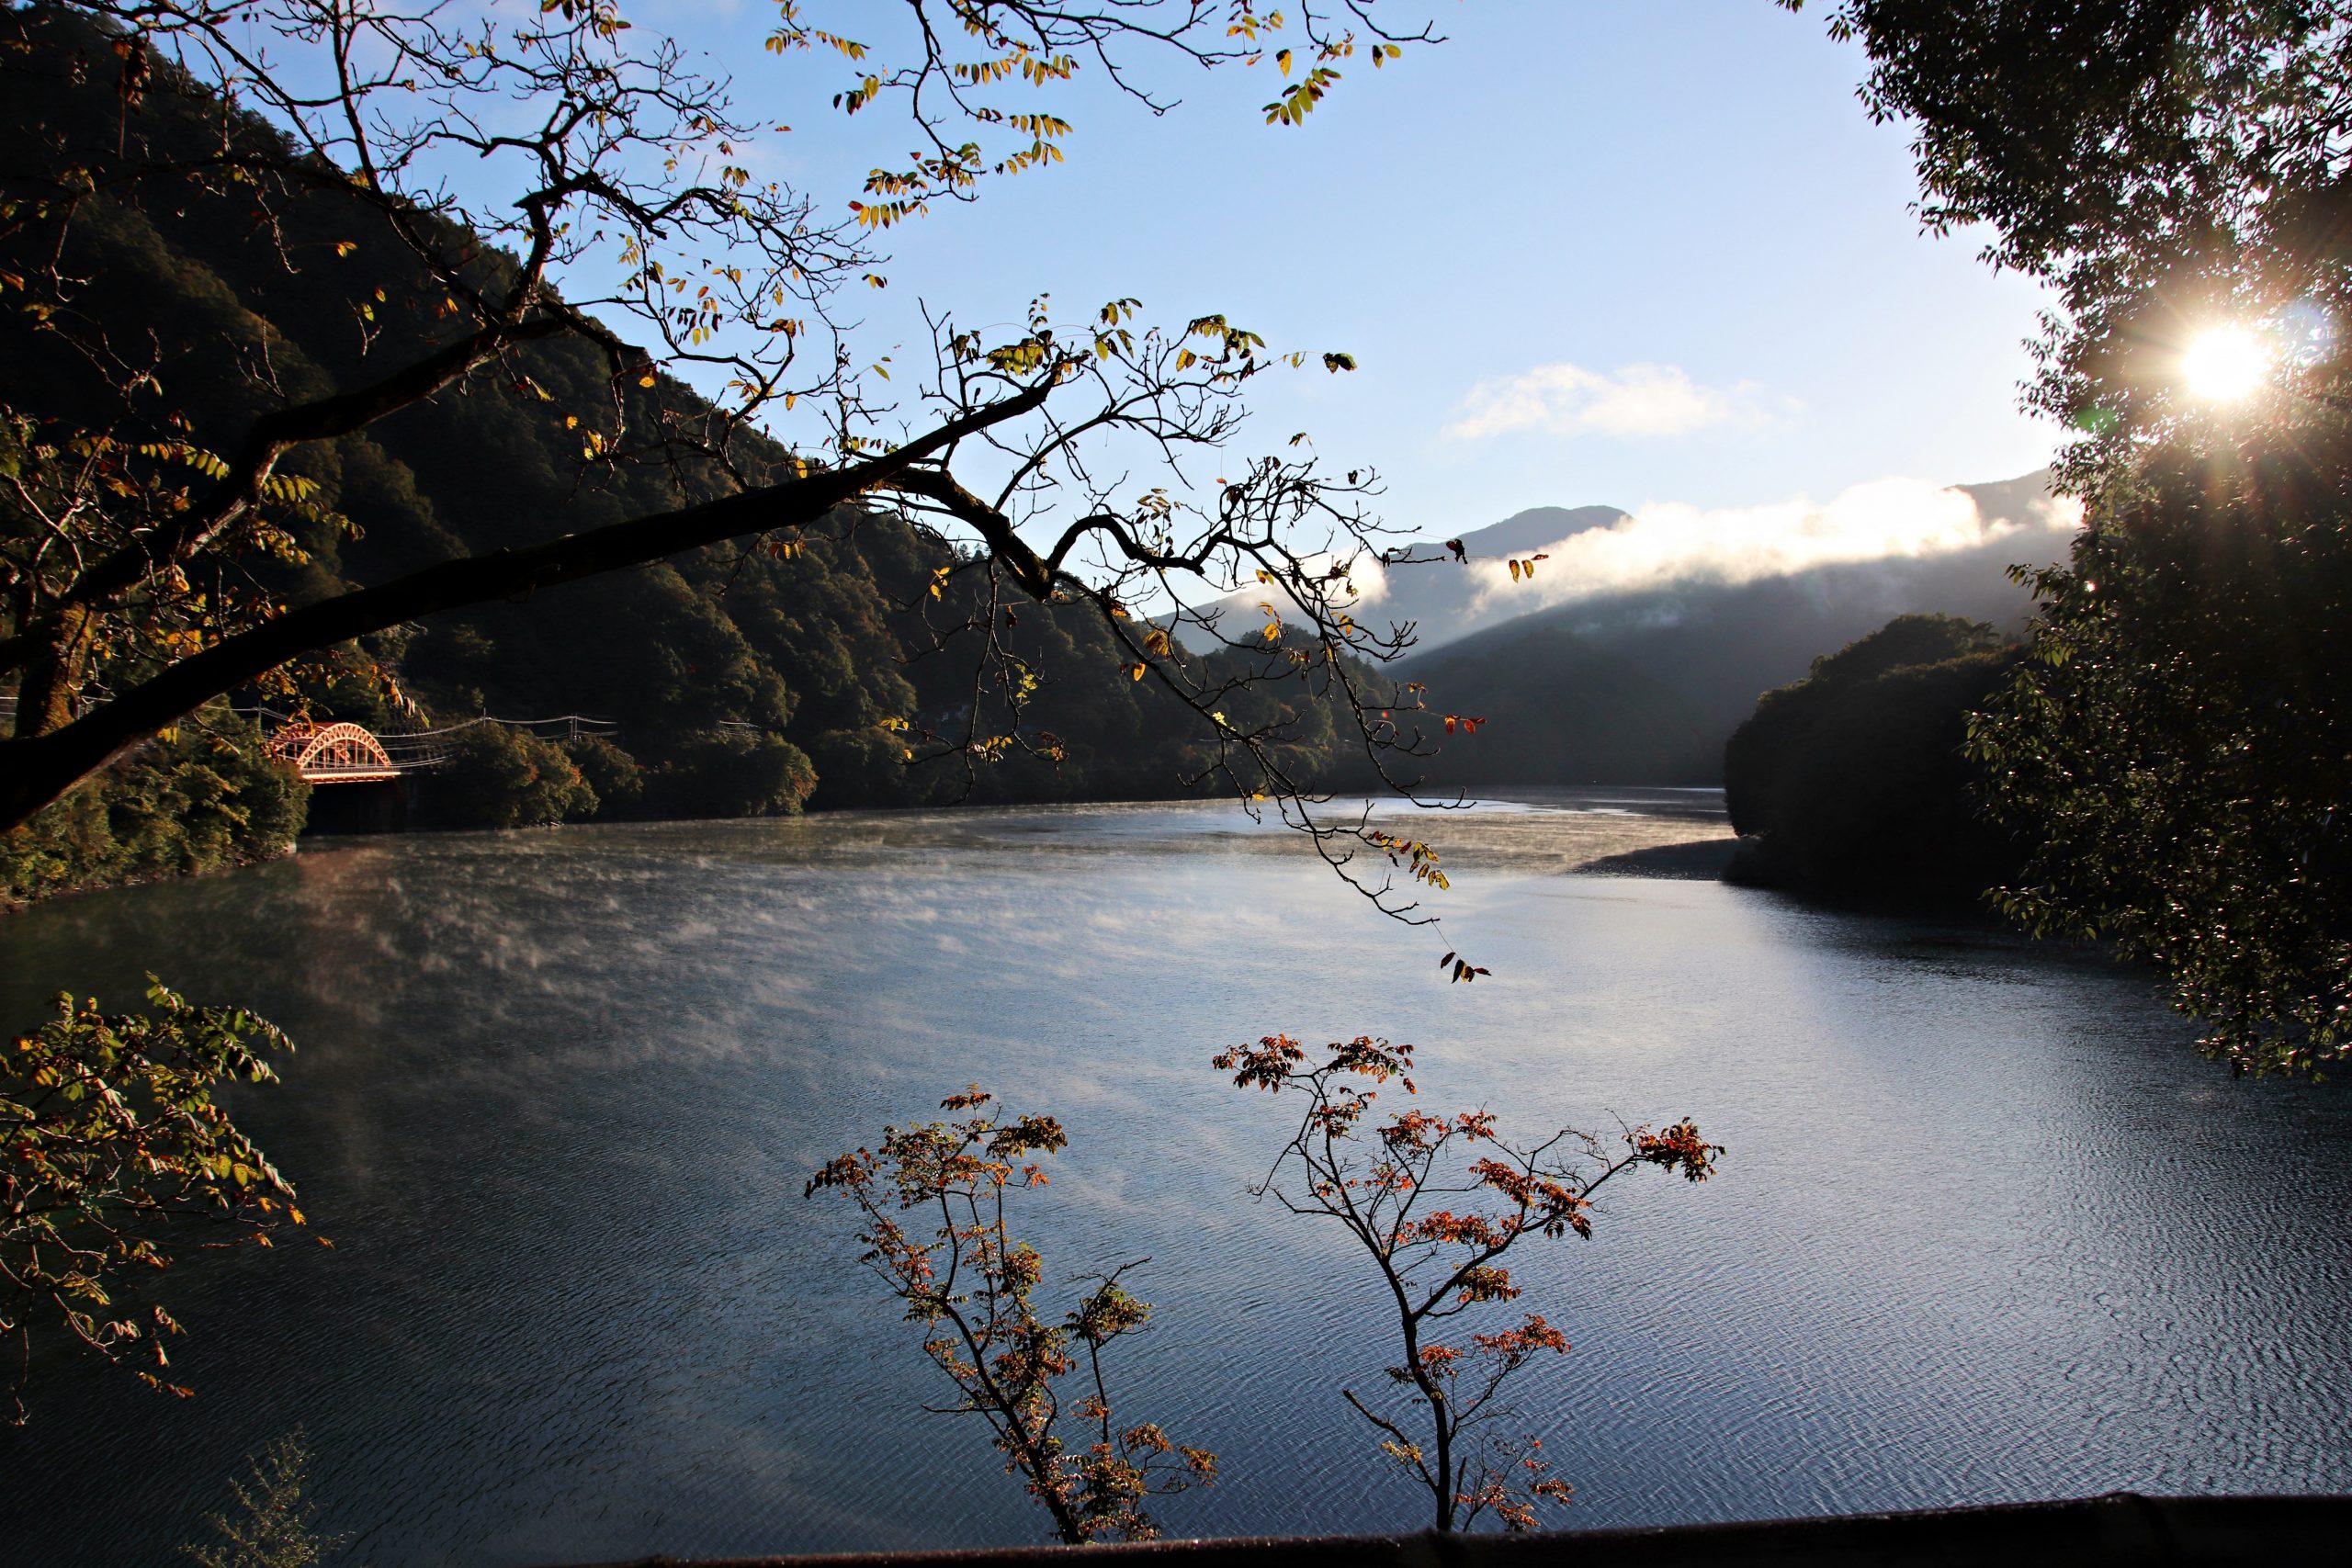 寒さで気温が下がって湯気が立つ奥多摩湖